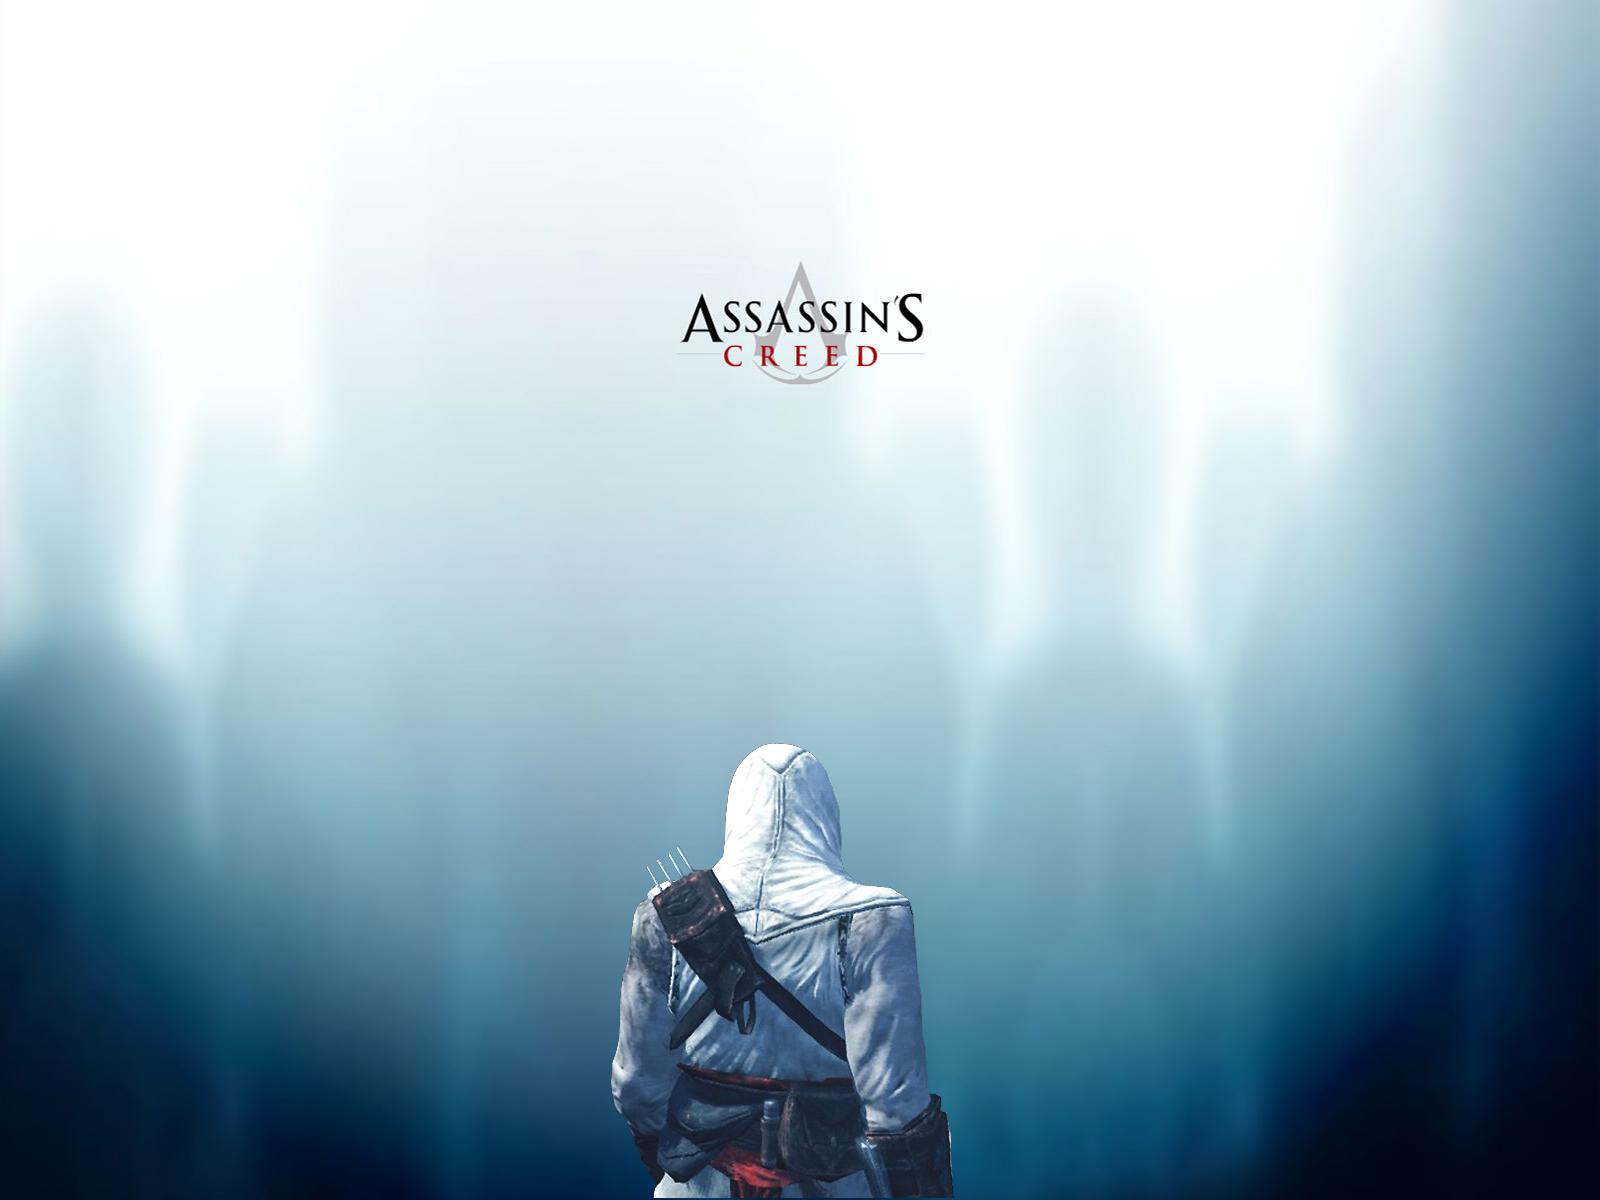 http://3.bp.blogspot.com/_8kT_edJM0tQ/TNXeokf489I/AAAAAAAAAEM/68I_vxgkv0I/s1600/Assassins+Creed+2+CGW+Img.2.jpg